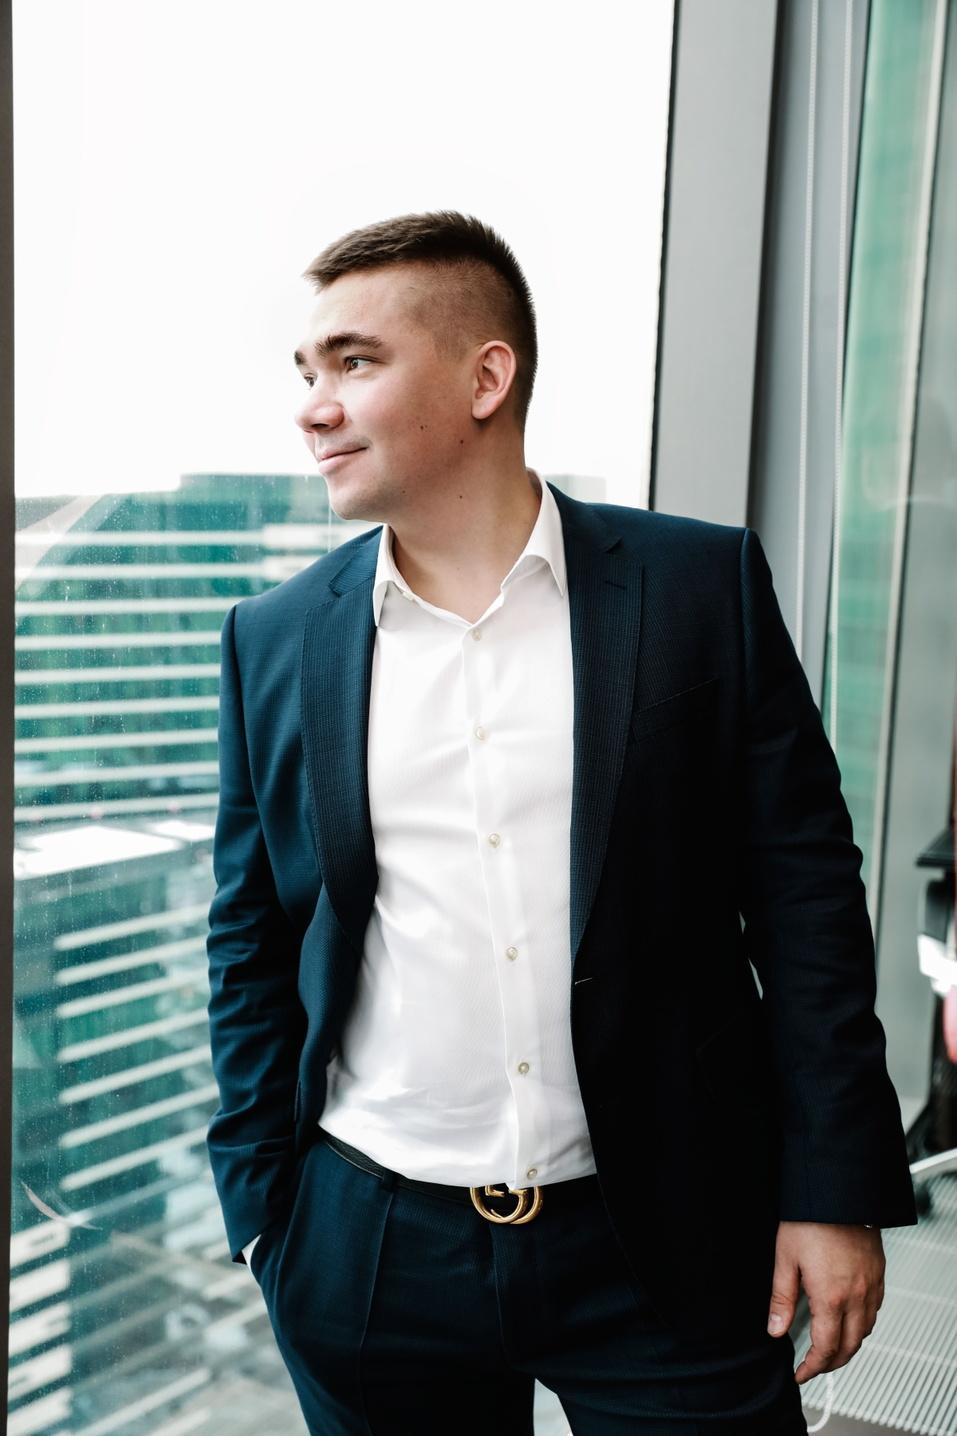 Дмитрий Антипин: «Крупные инвесторы всё охотнее вкладываются в криптовалюту» 1